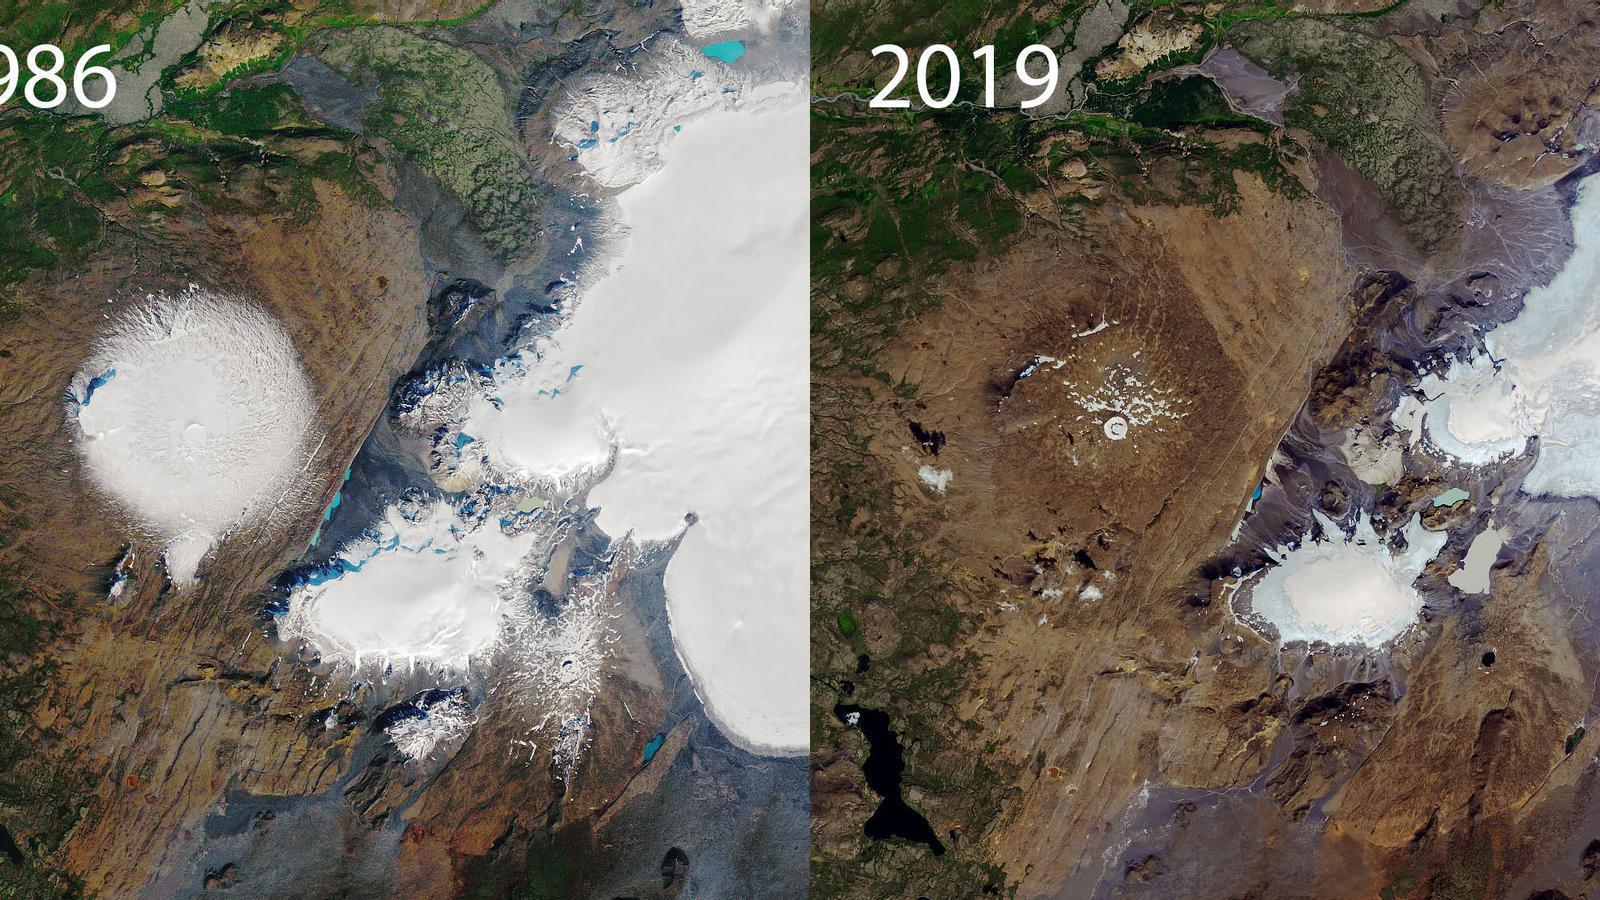 Imatges de la desaparició gradual de la primera glacera declarada 'morta' a Islàndia